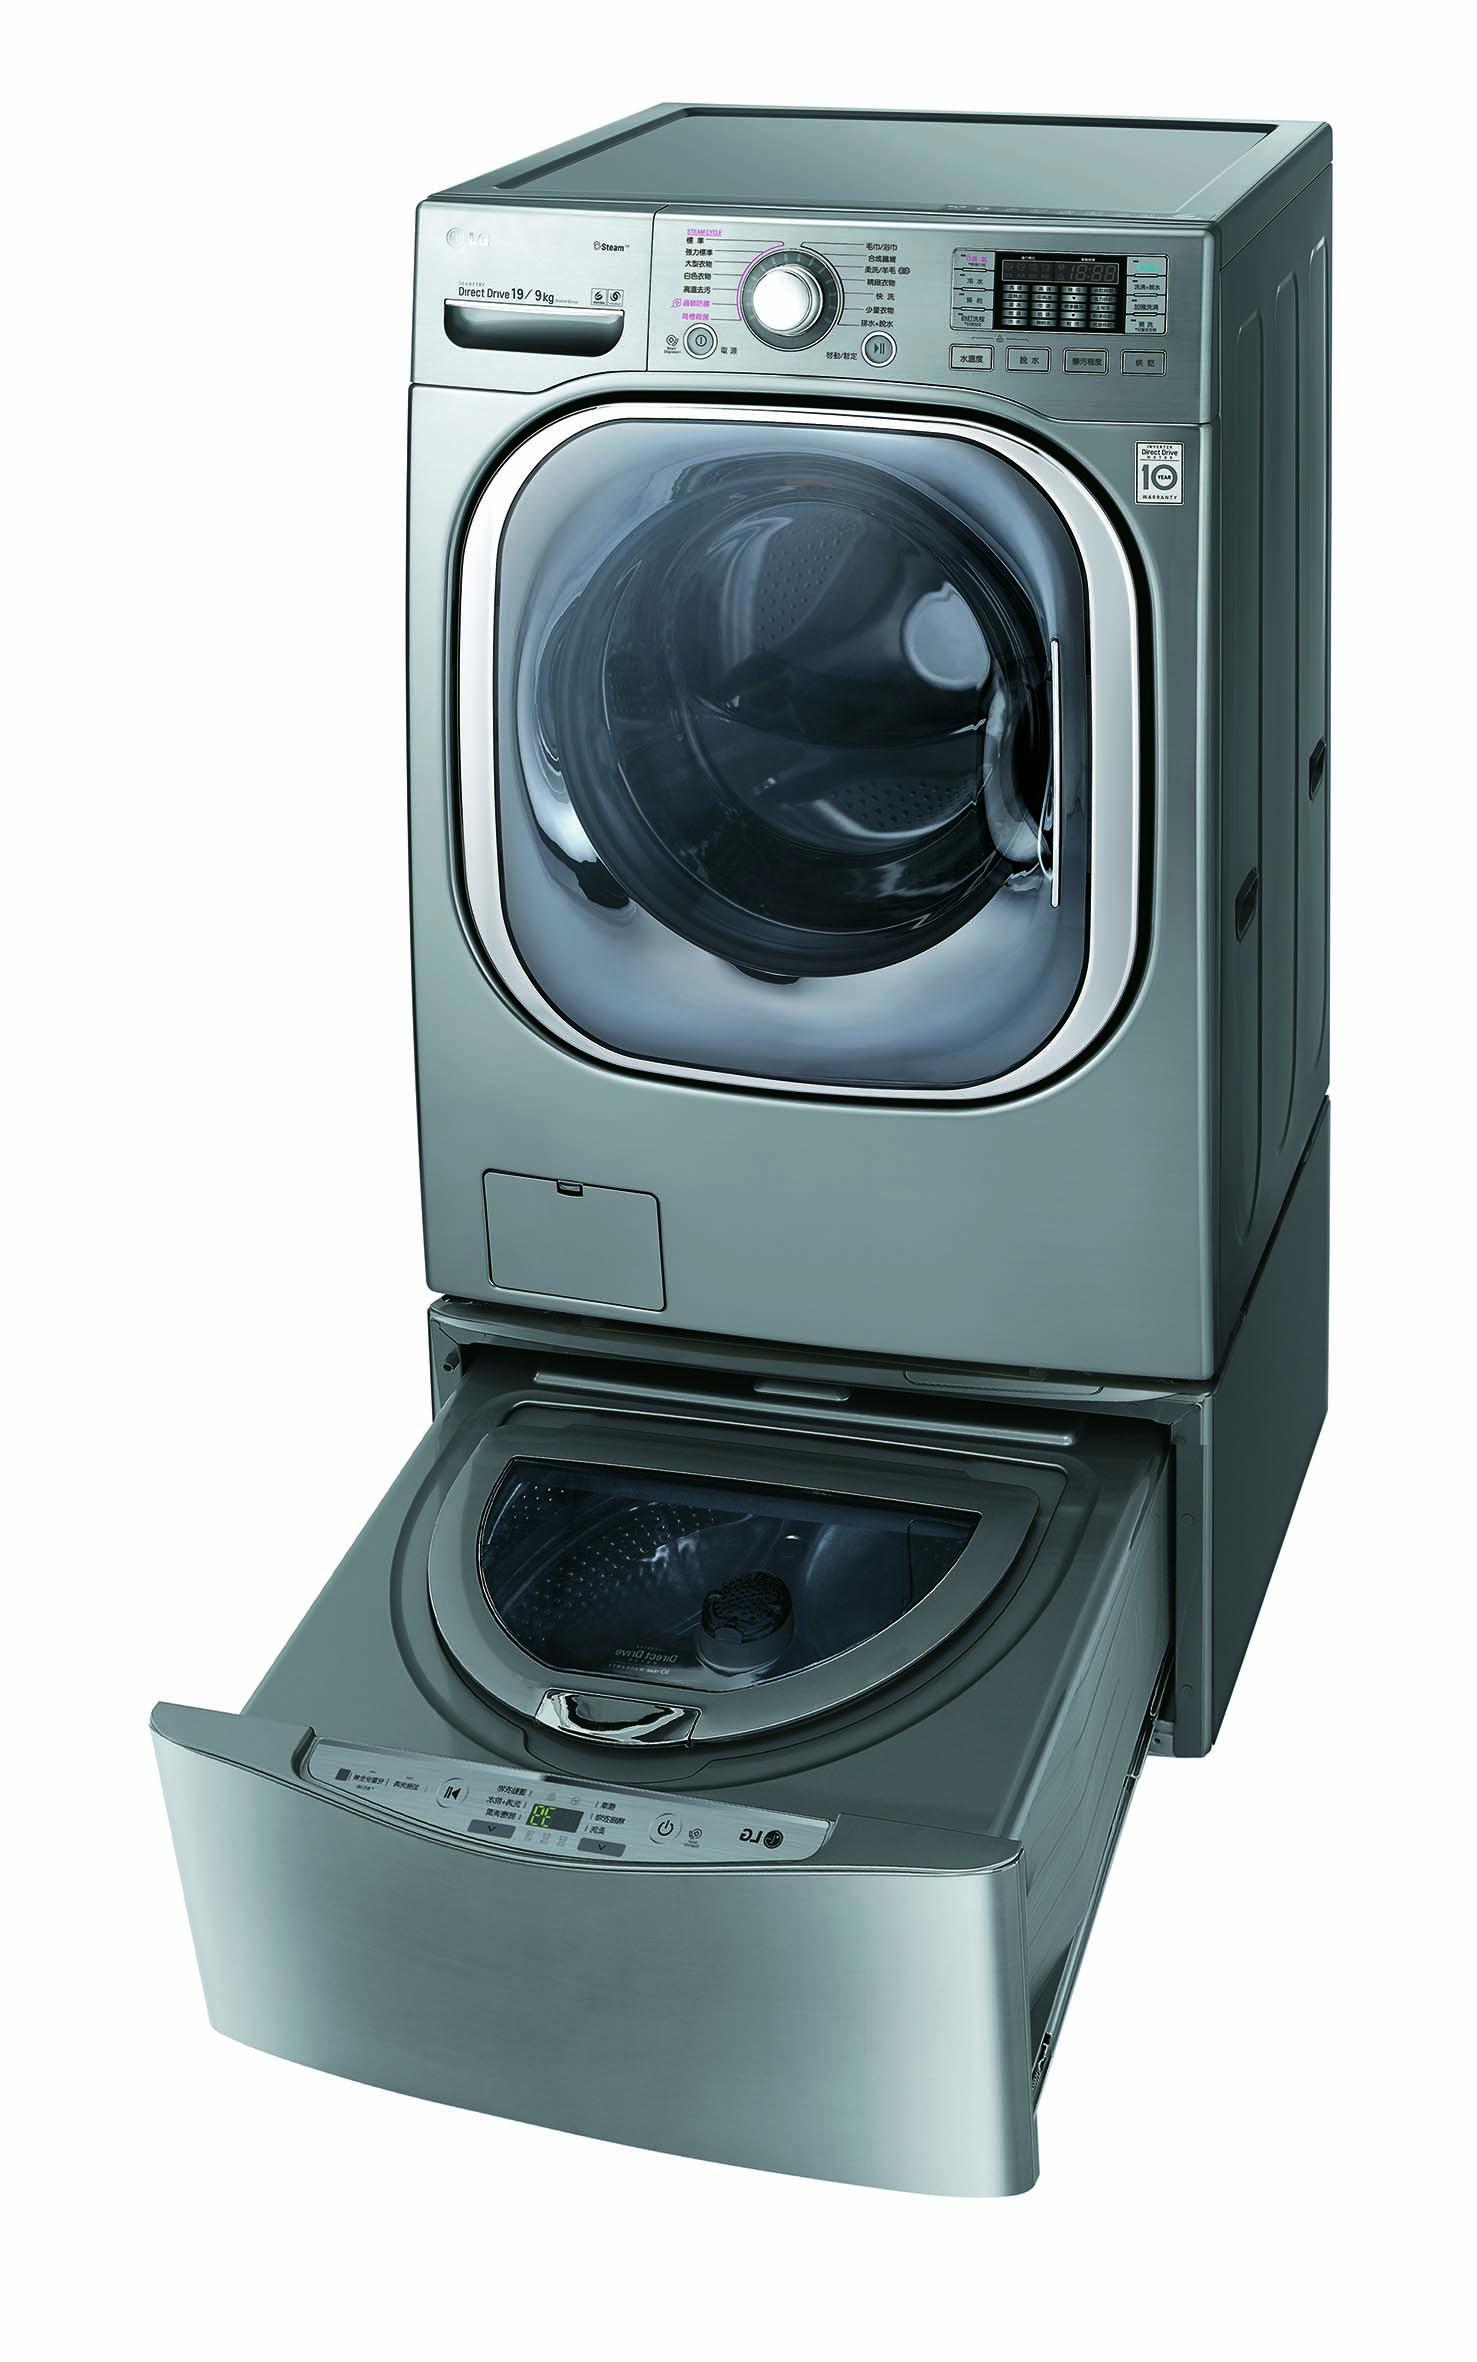 【LG 樂金】 TWINWash 雙能洗(洗脫烘) 19公斤+3.5公斤洗衣容量 (WD-S19TVD+WT-D350W/V)  含基本安裝 5/31前購買享原廠好禮送+送超商禮券3000